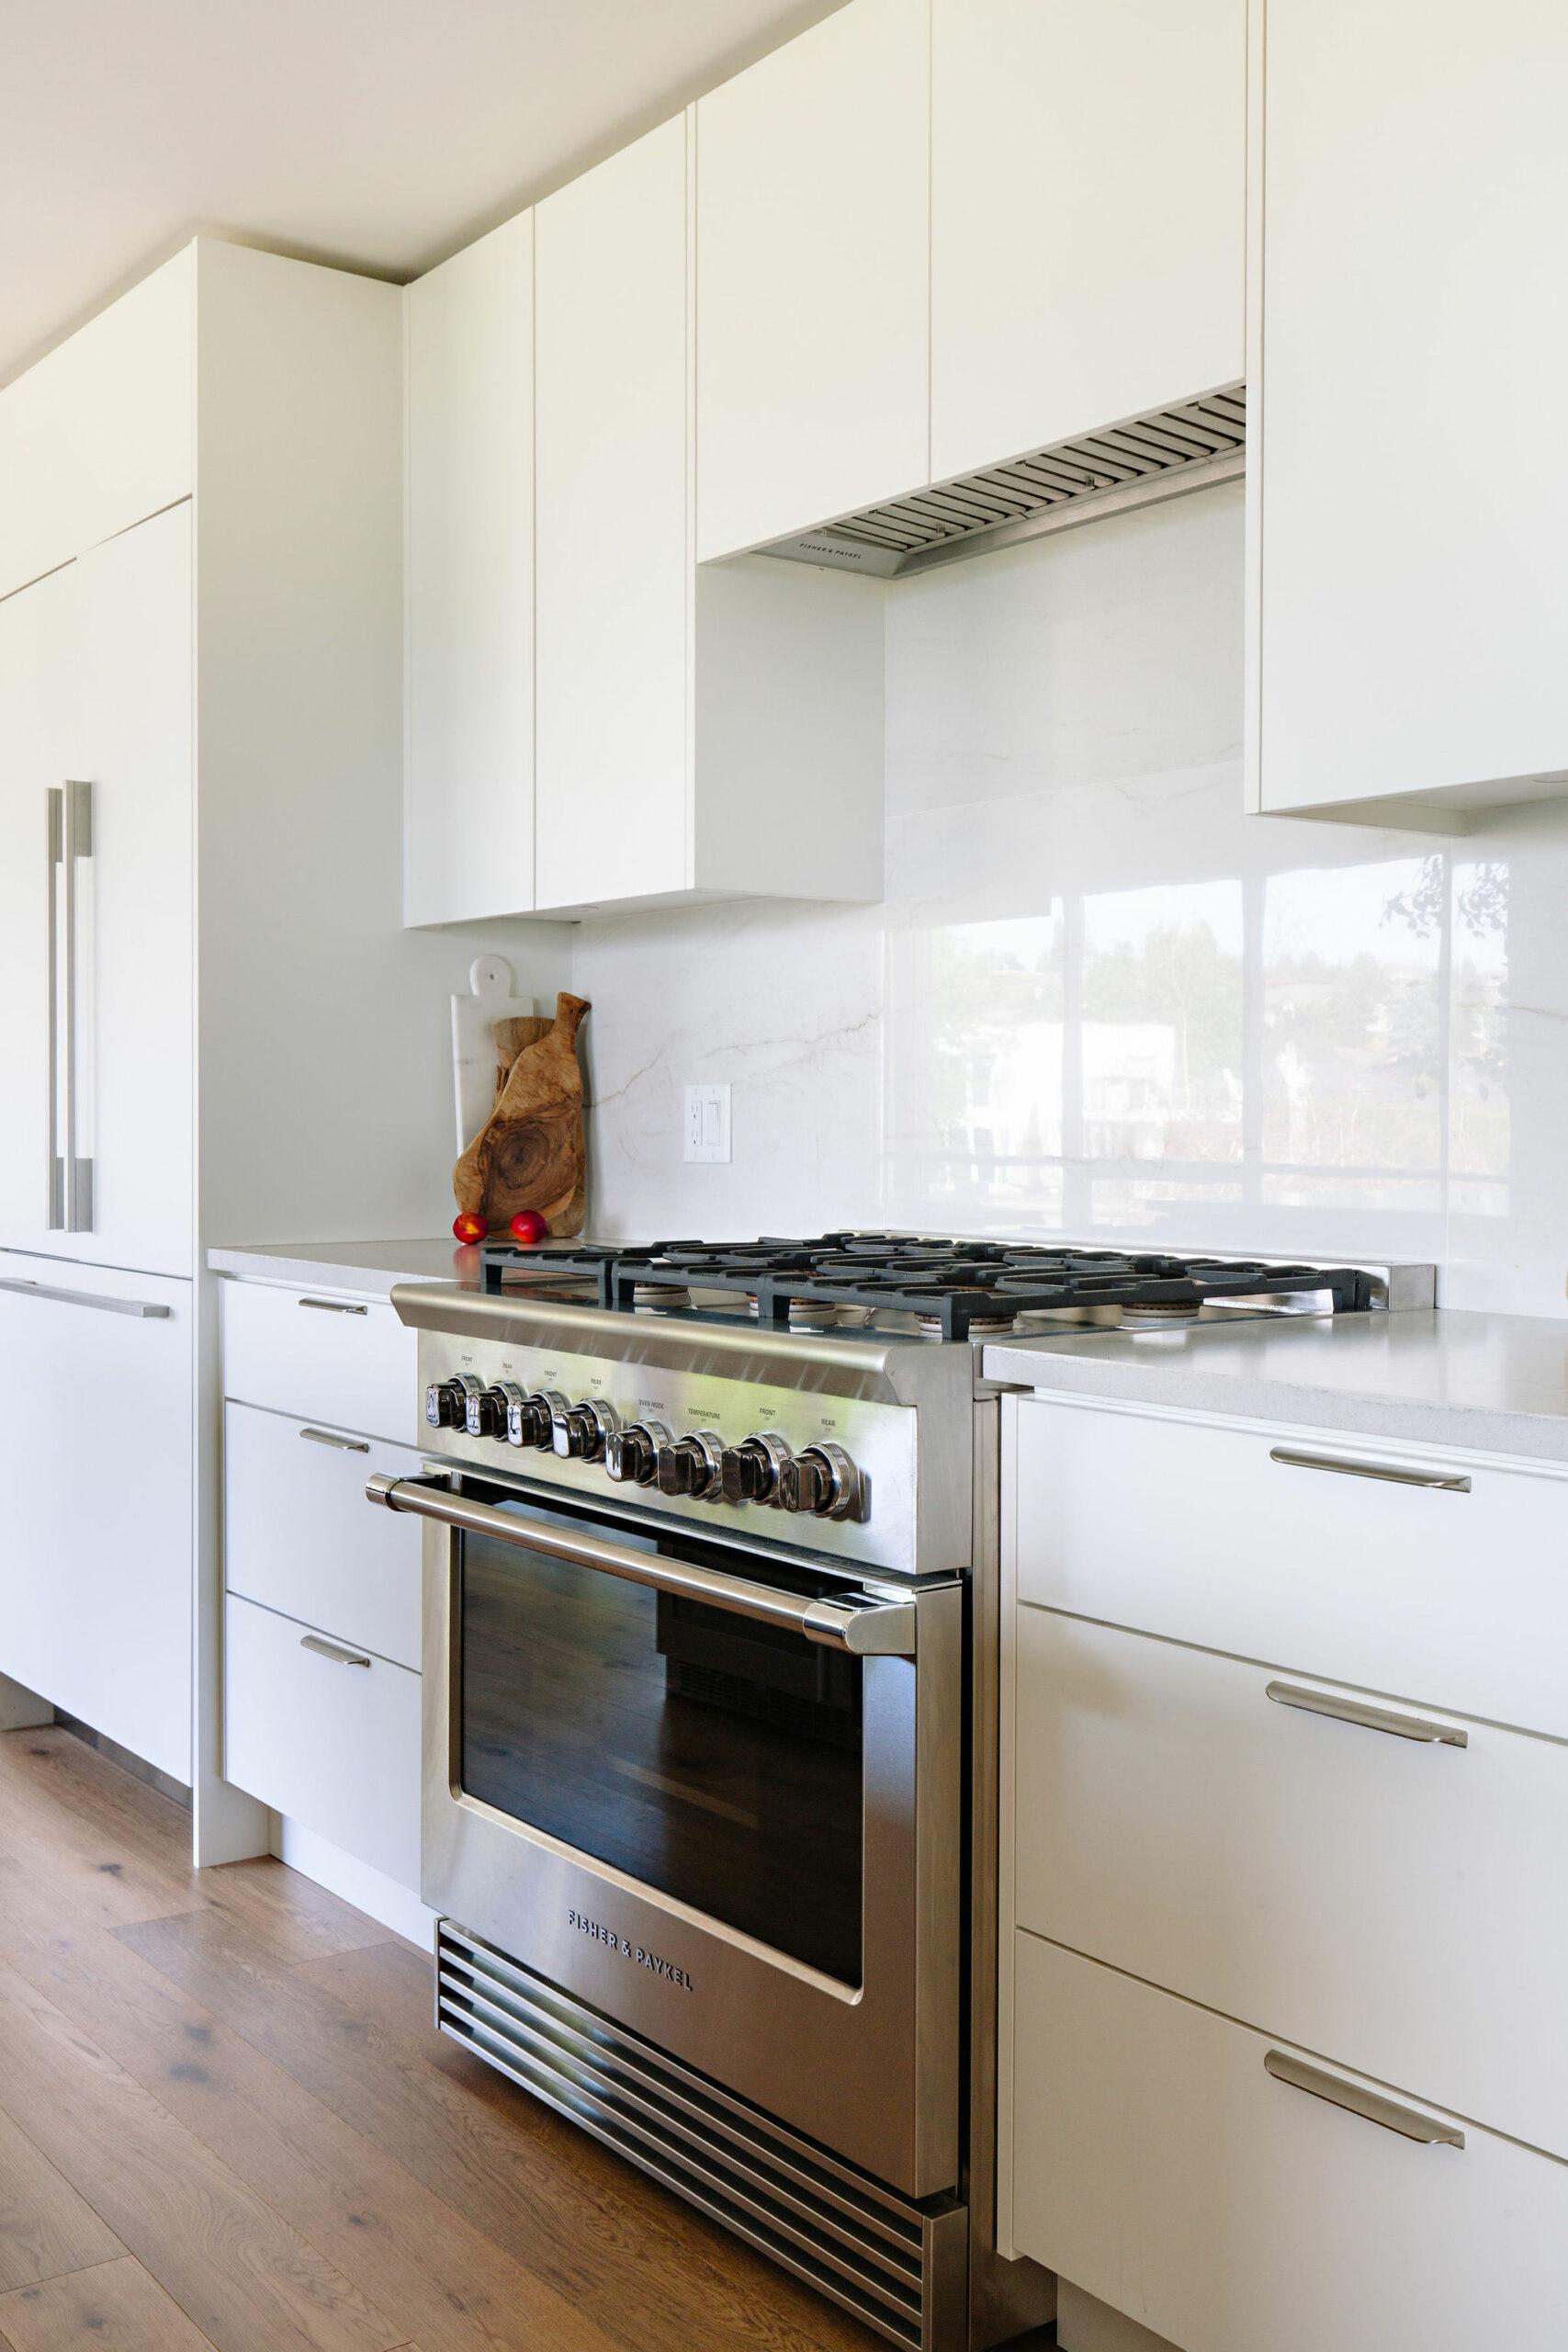 Kapiti Built Full Home Renovations and Custom Home Builder in Kelowna, Lake Country and West Kelowna